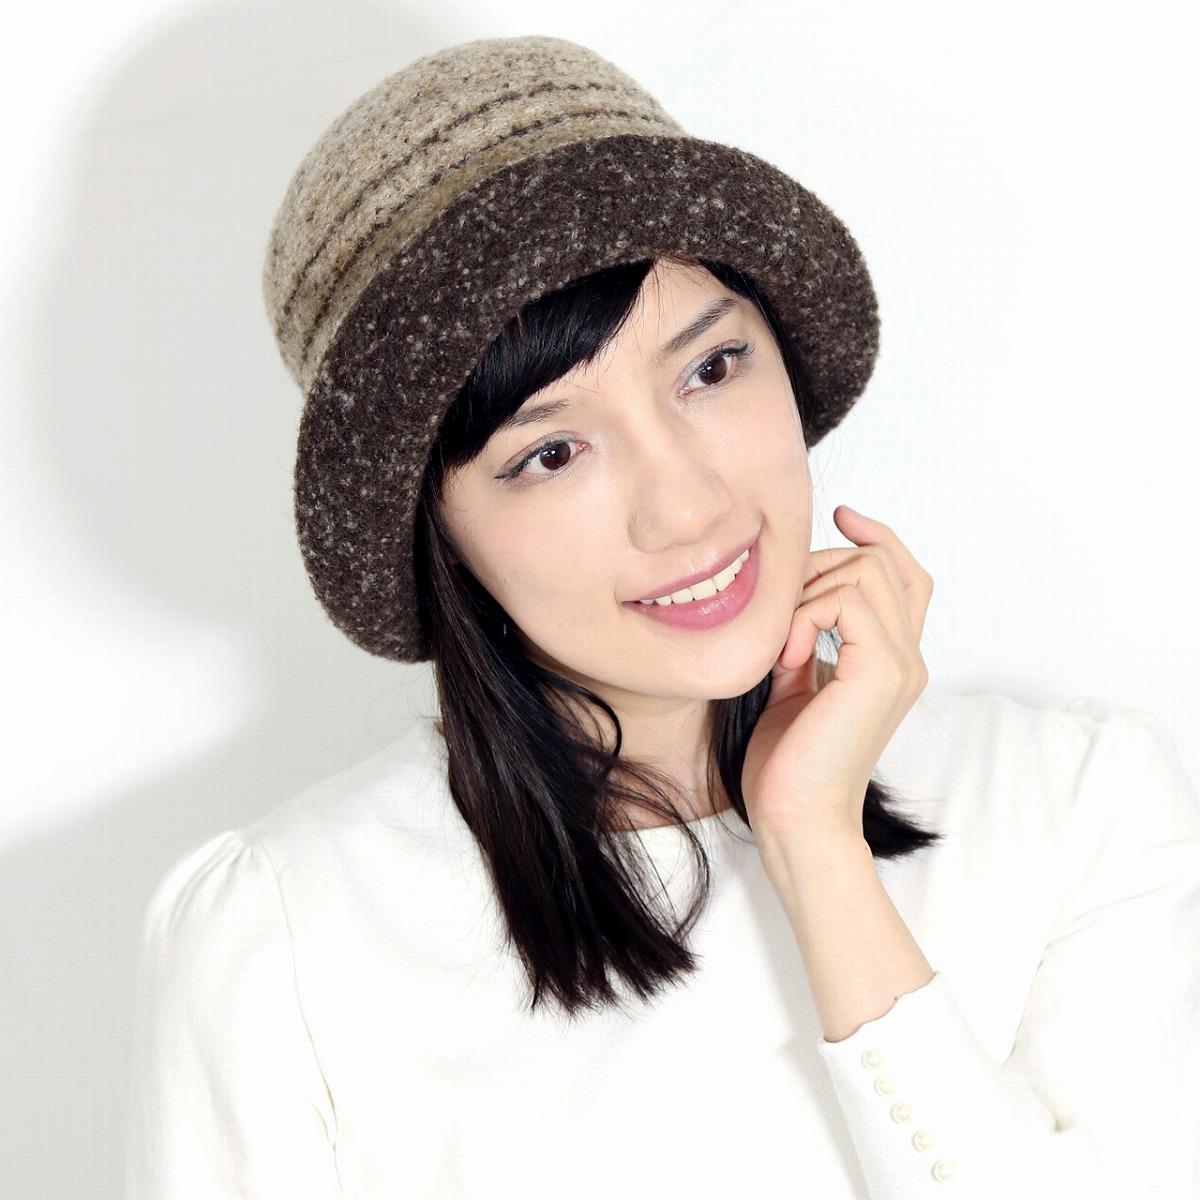 レディース ハット 毛 秋 冬ミセス ブランド 暖かい クロッシェハット ダックス DAKS 日本製 ニット素材 ボーダー柄 帽子 茶 ブラウン